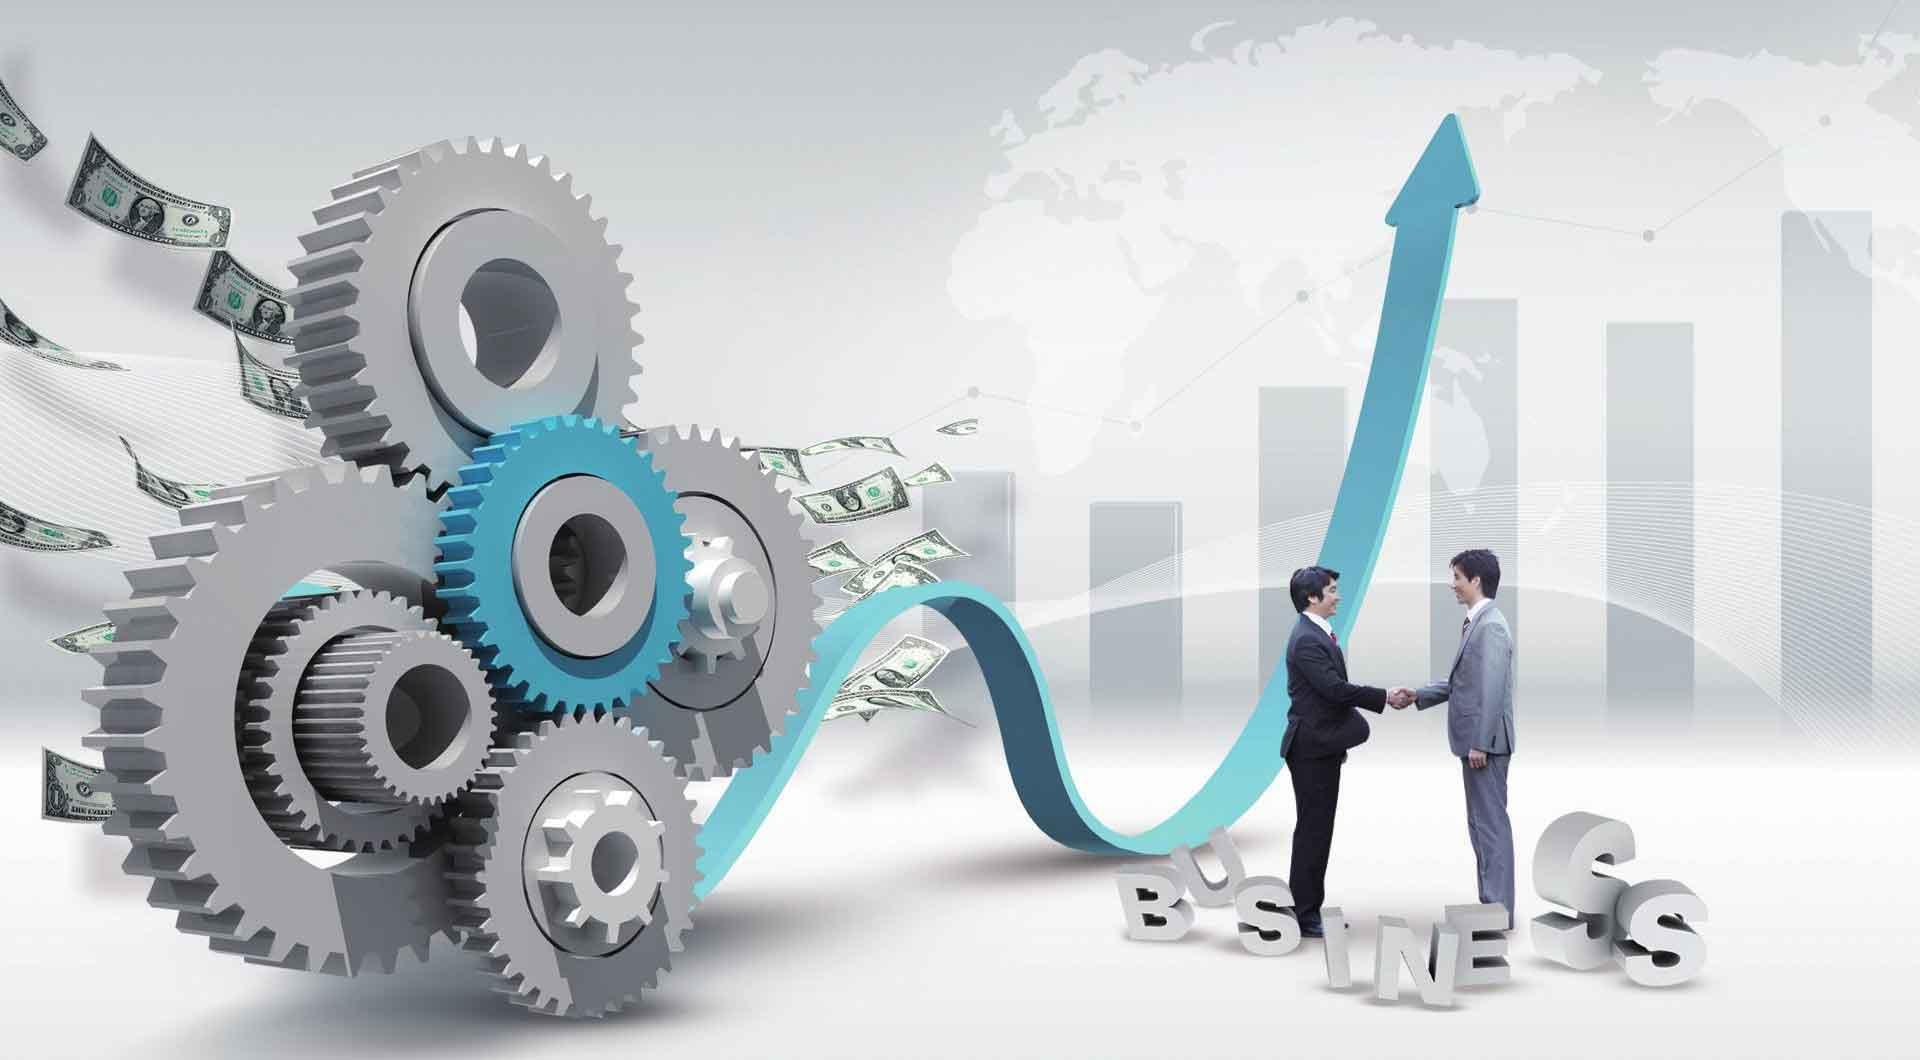 نیاز 88 درصدی بخش مختلف اقتصادی کشور به جذب سرمایه گذار خارجی/ نقش تعاونی ها در مشارکت عمومی چیست؟